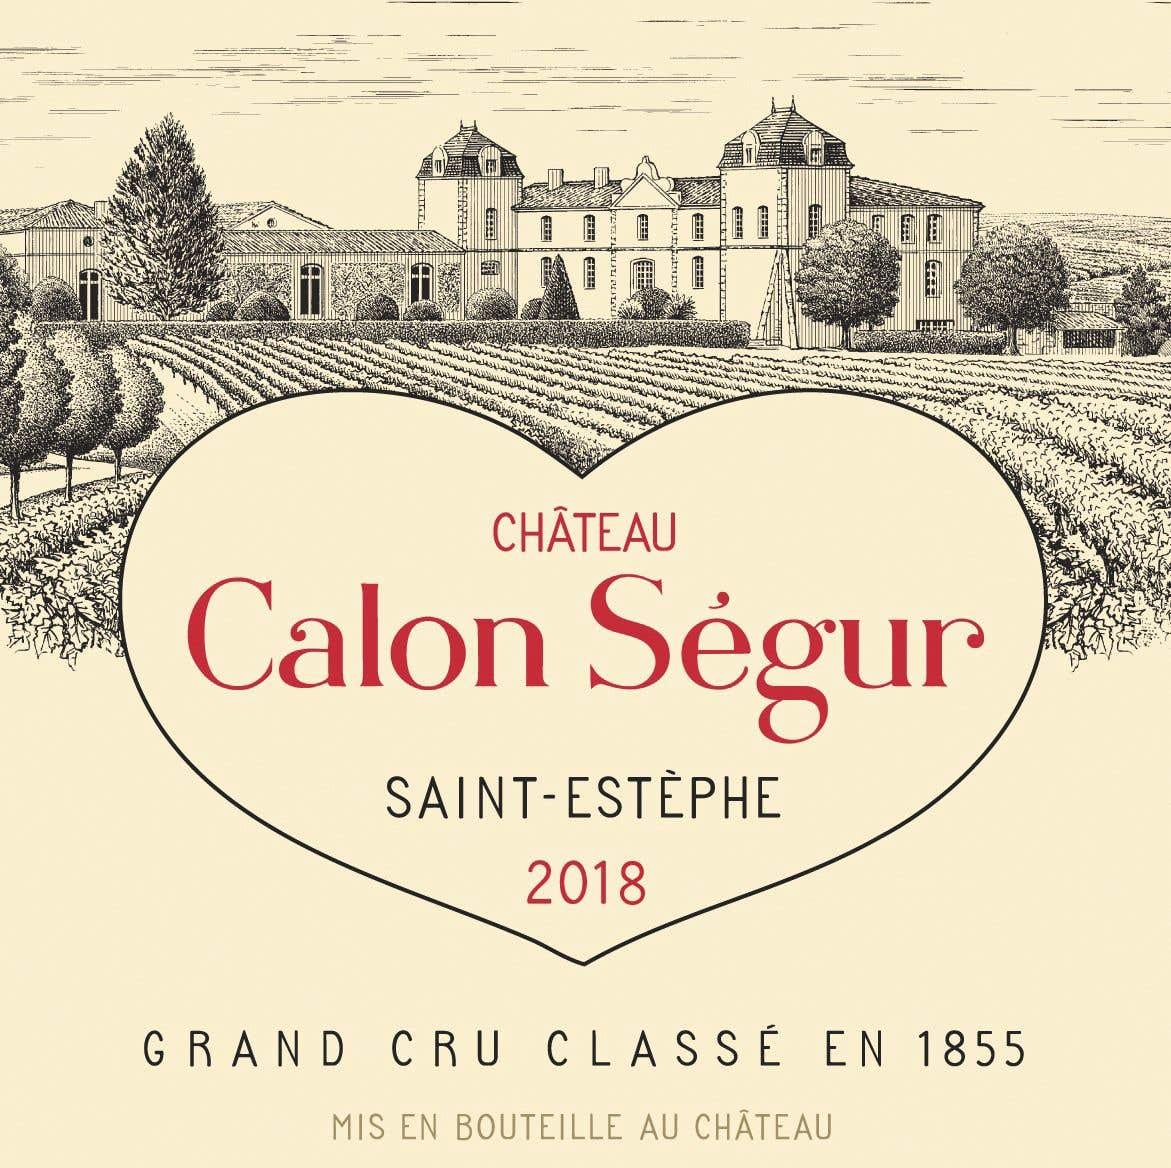 Château Calon Ségur - A Gift for Wine Lovers